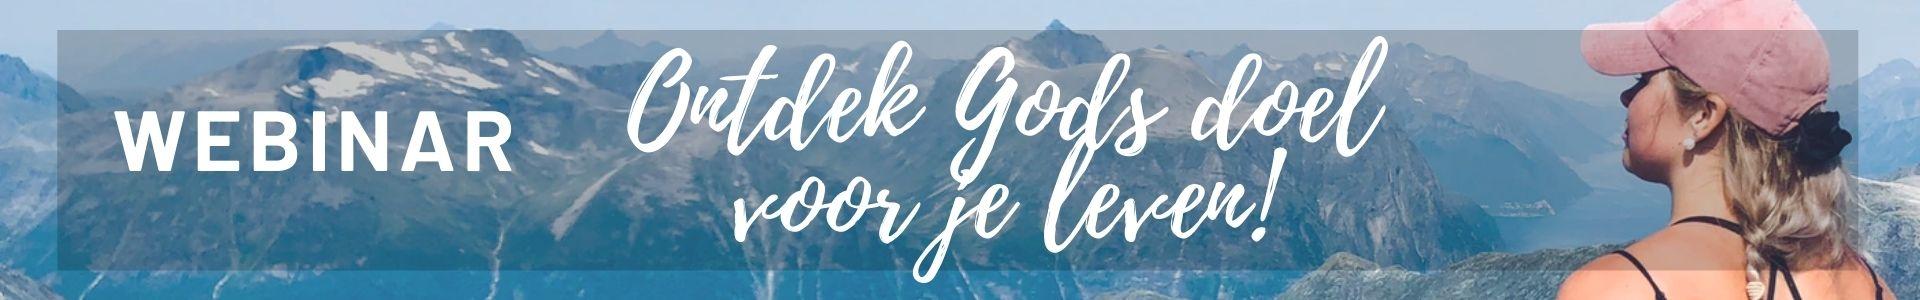 Ontdek Gods doel voor je leven-7